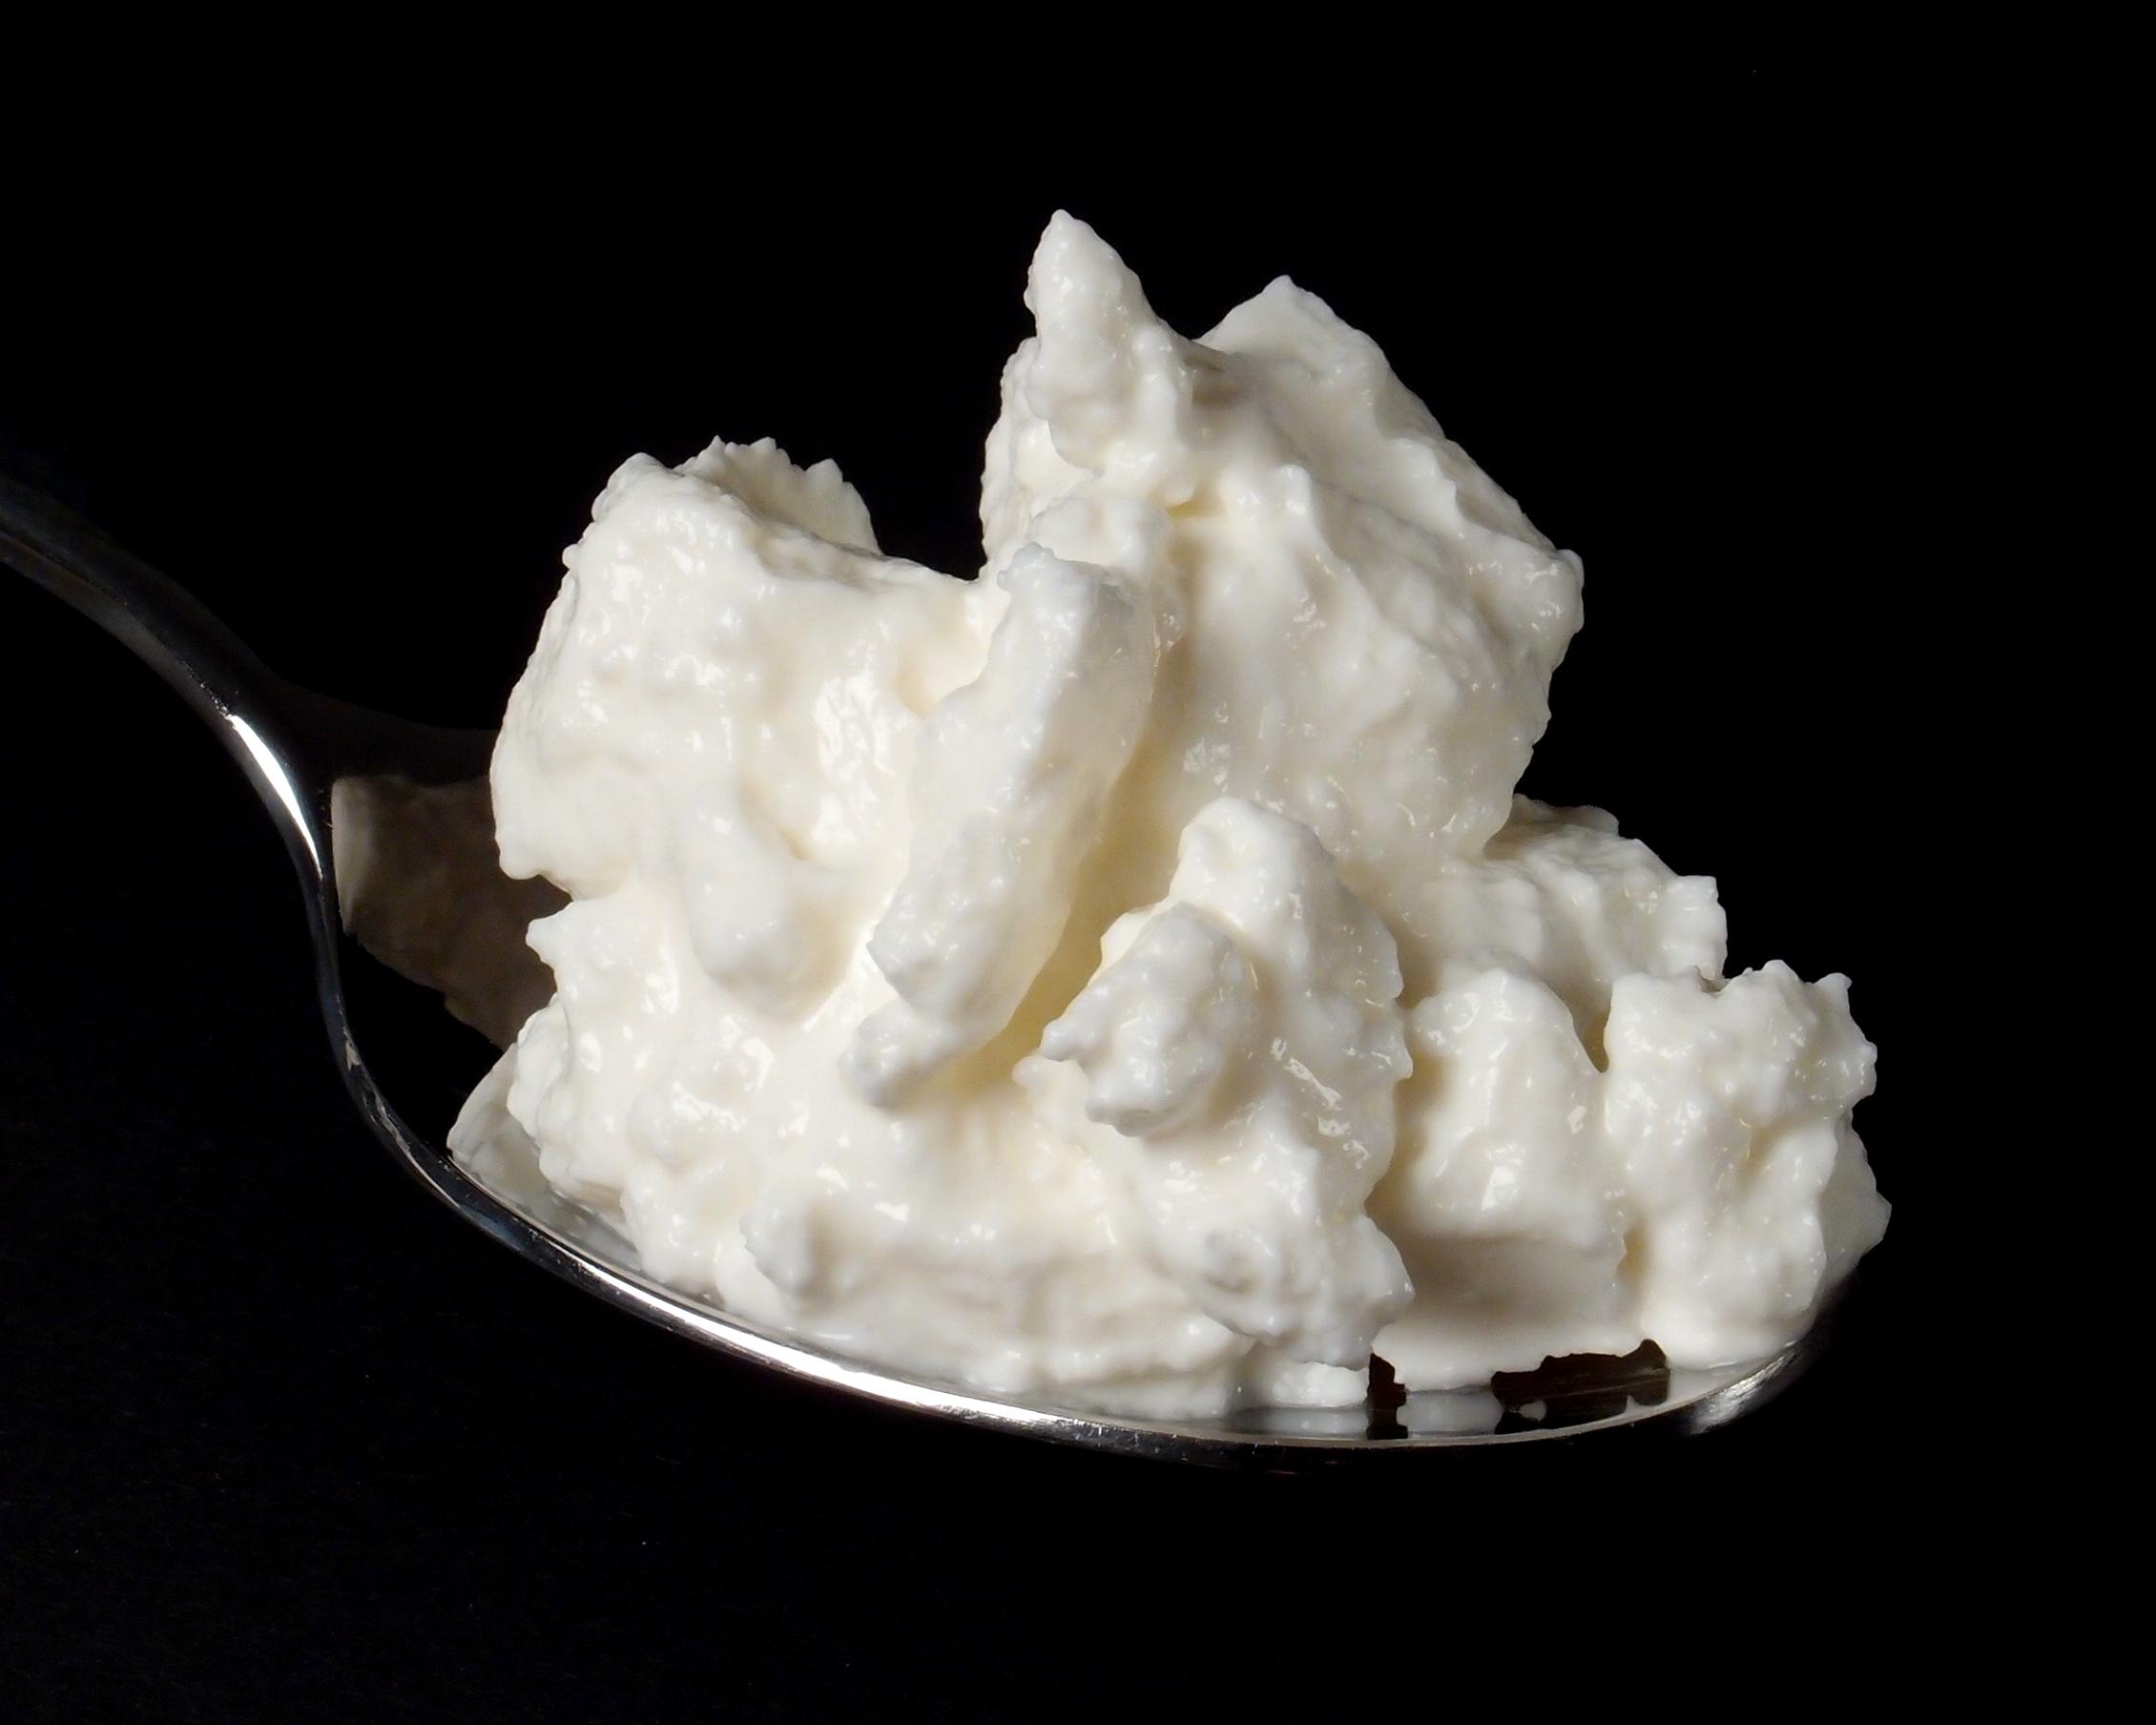 le lactose